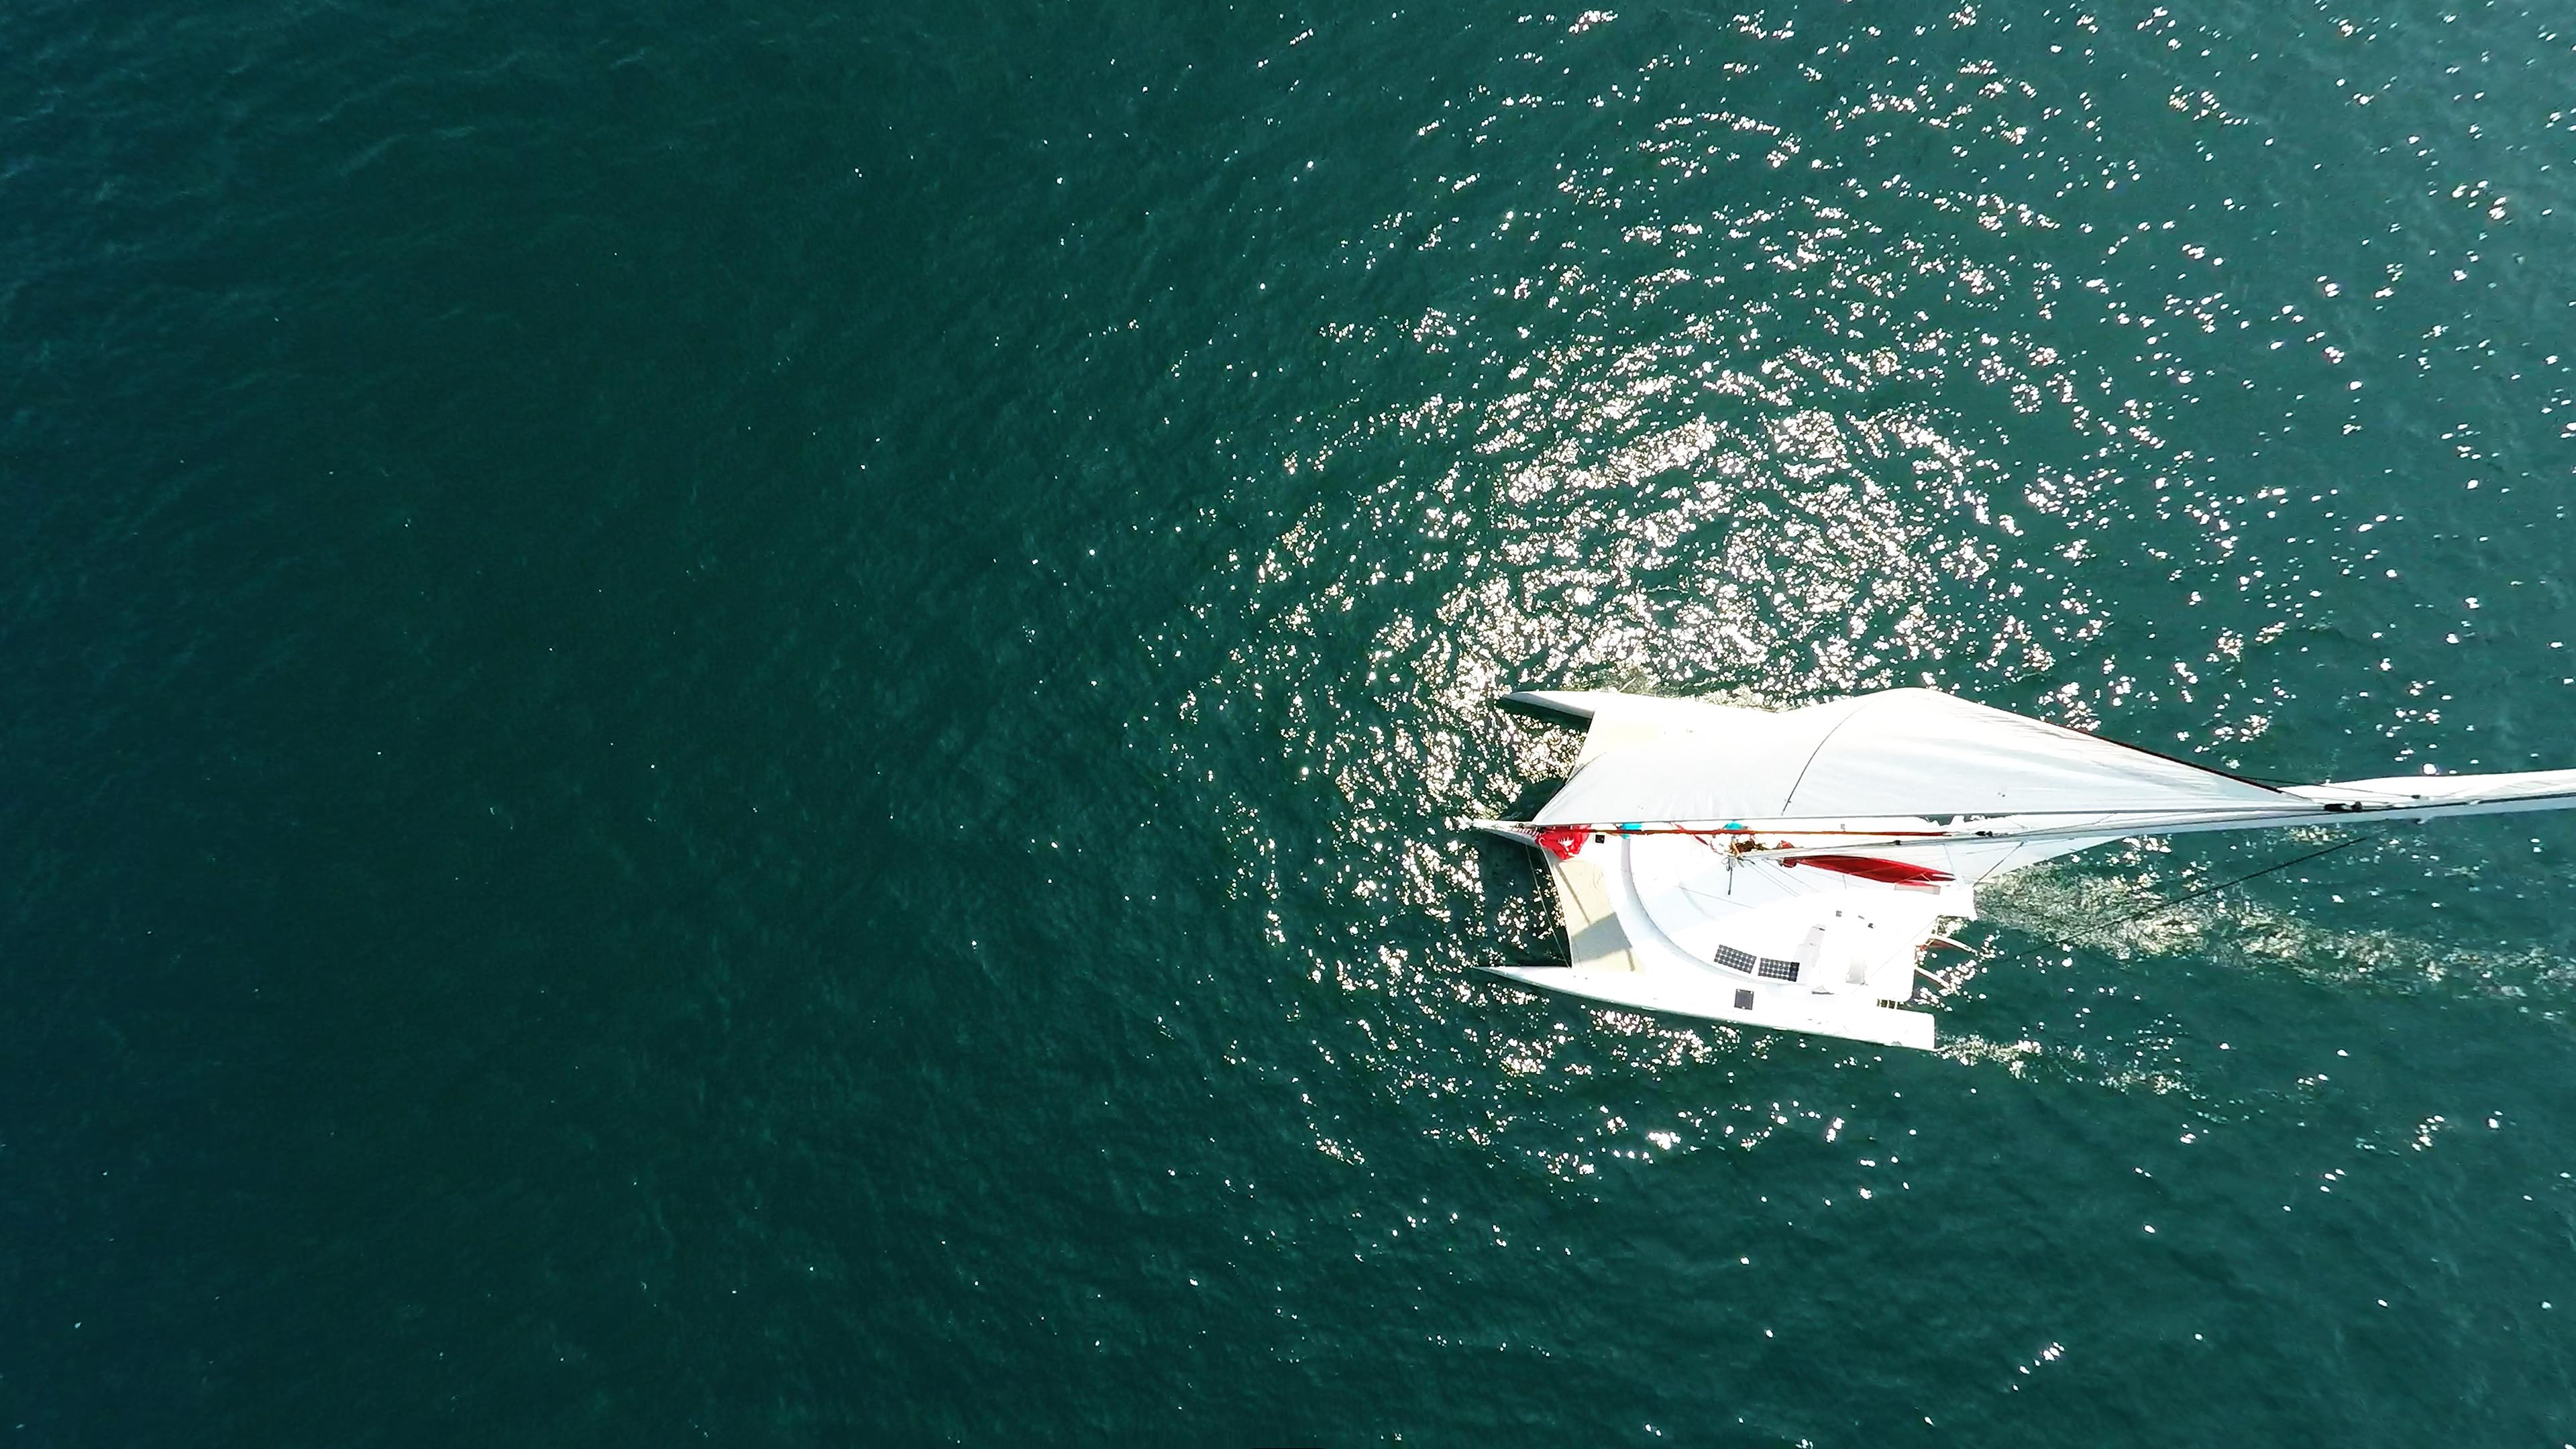 foto aerea di trimarano  naviga nadir